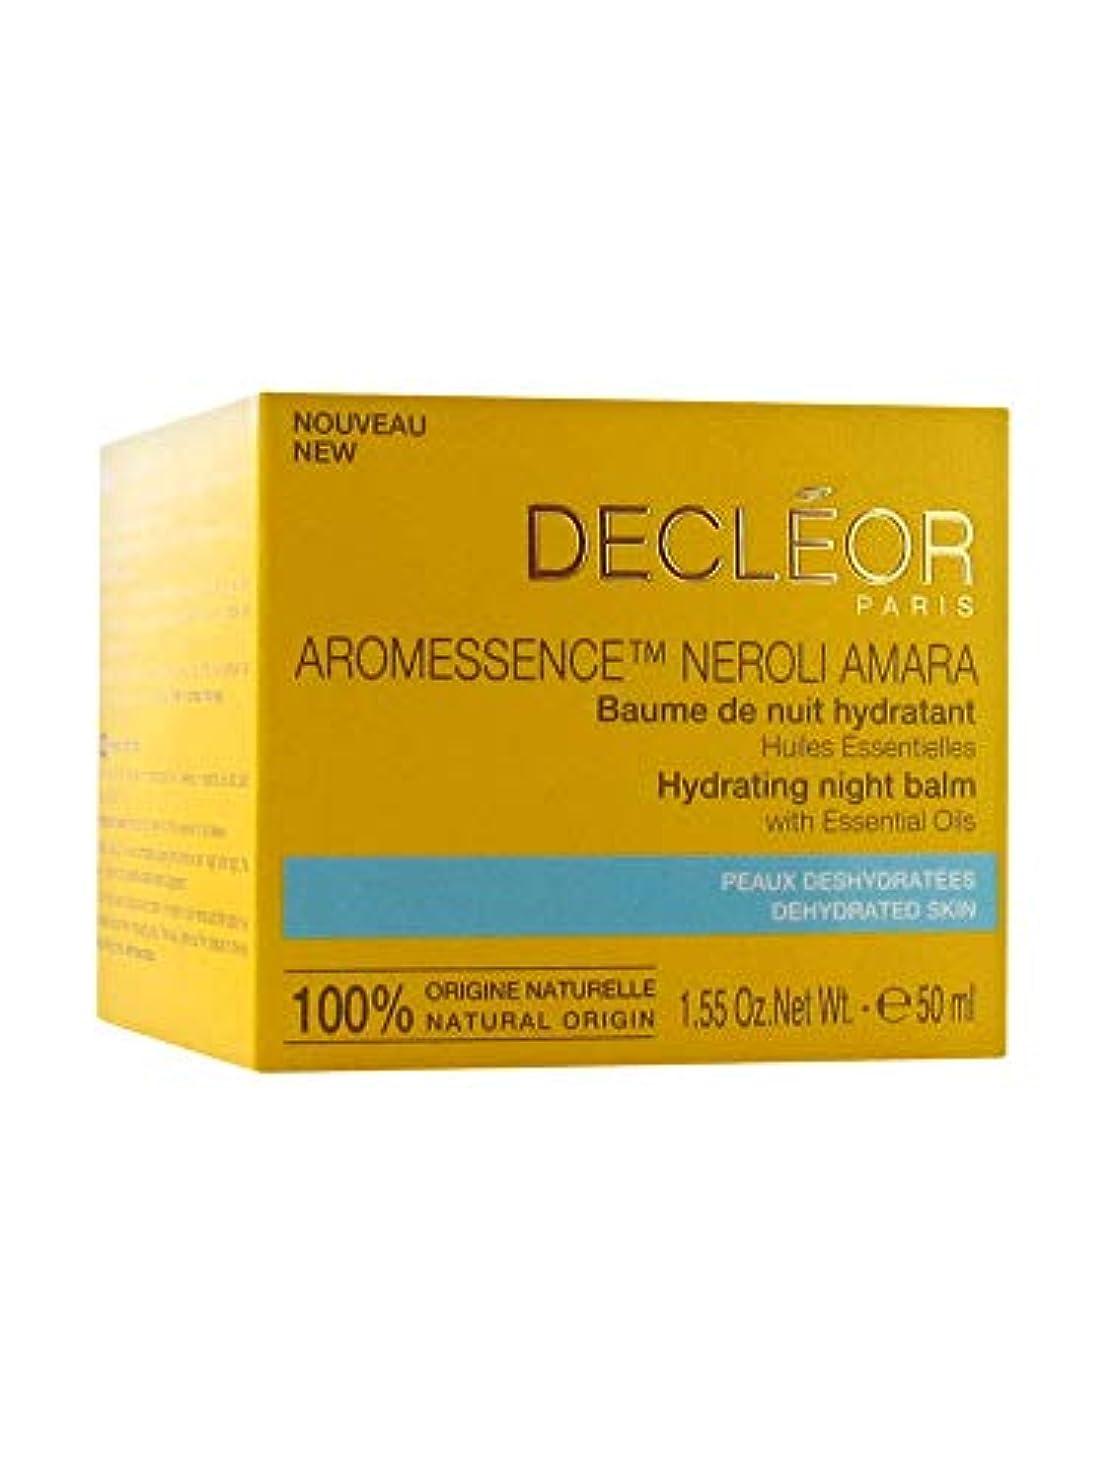 柱無限広範囲にデクレオール Aromessence Neroli Amara Hydrating Night Balm - For Dehydrated Skin 50ml/1.55oz並行輸入品